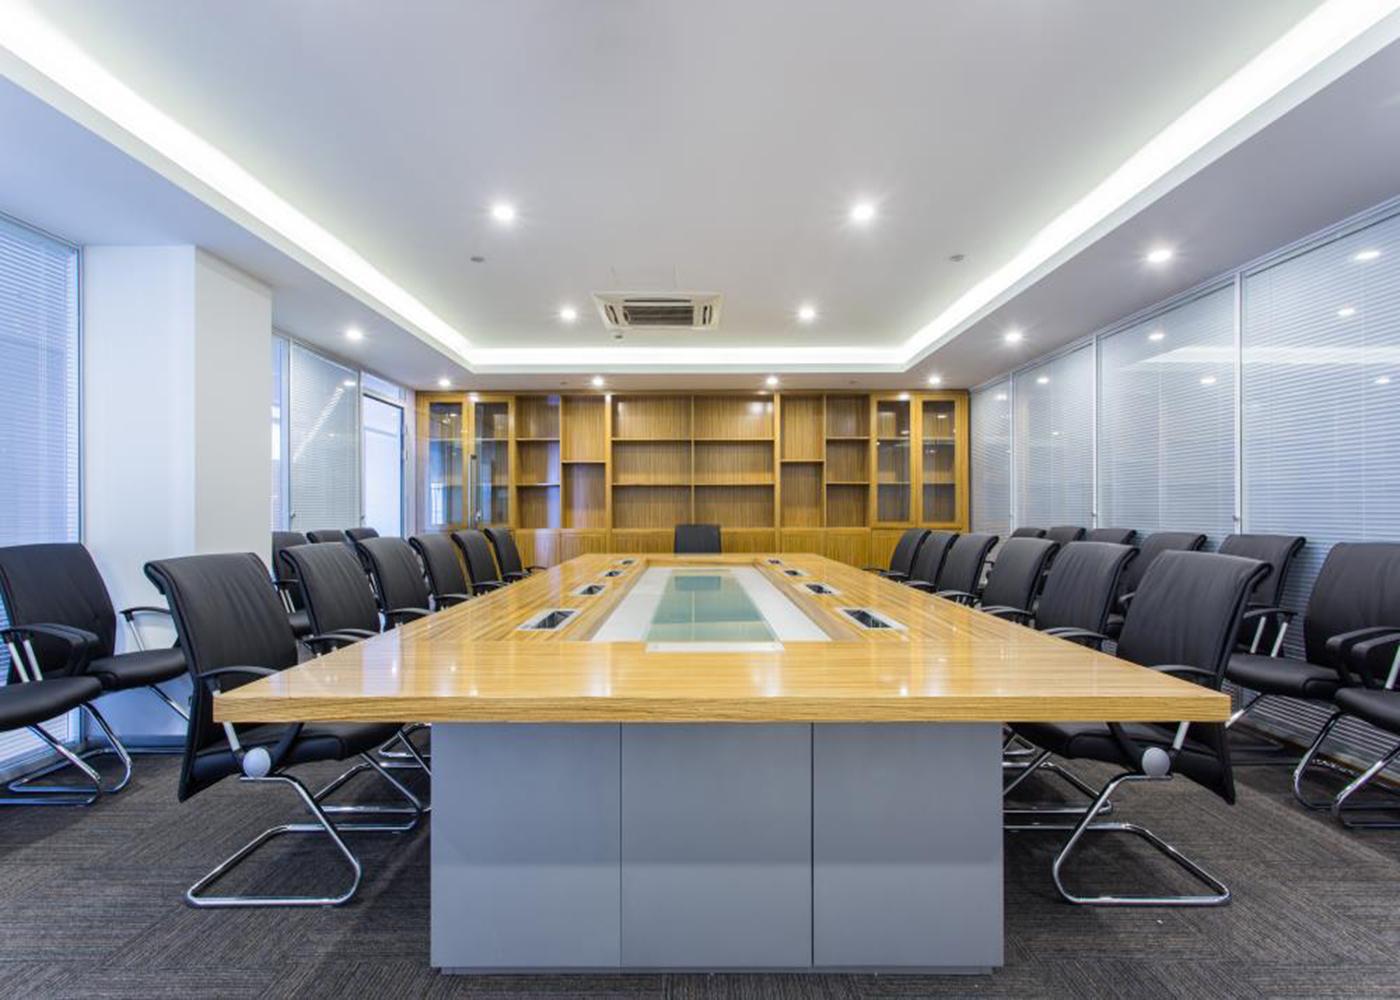 贝尔特会议桌A18,上海会议桌,【尺寸 价格 图片 品牌】